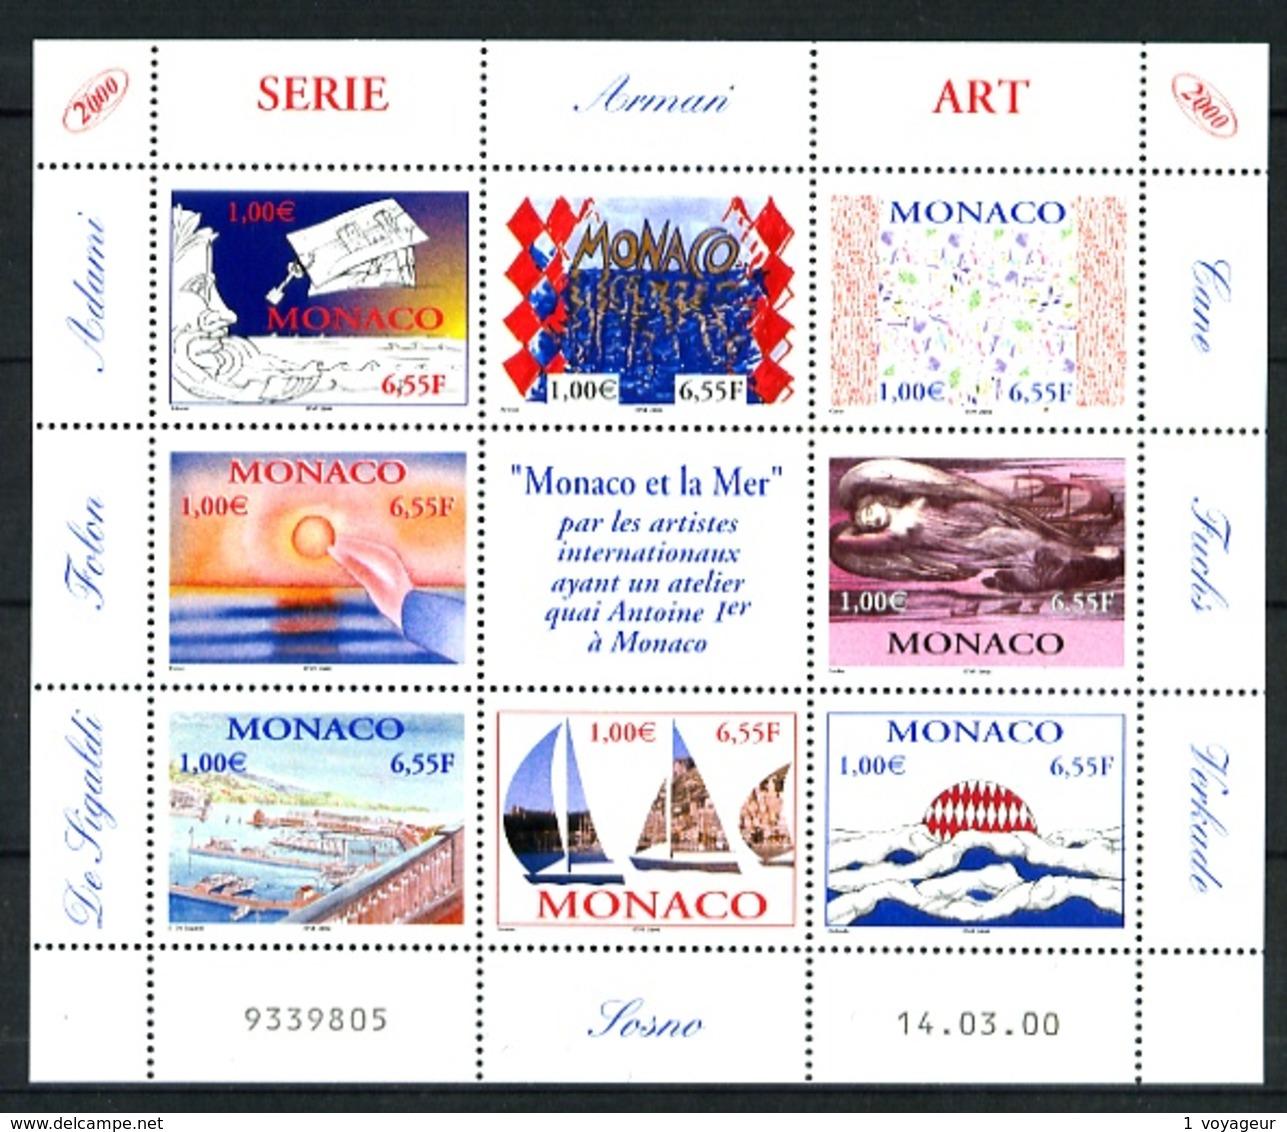 MONACO - 2240/2247 - Monaco Et La Mer - Feuillet 8 Valeurs - Neuf N** - Très Beau - Valeur Faciale 8,00 E - Unused Stamps